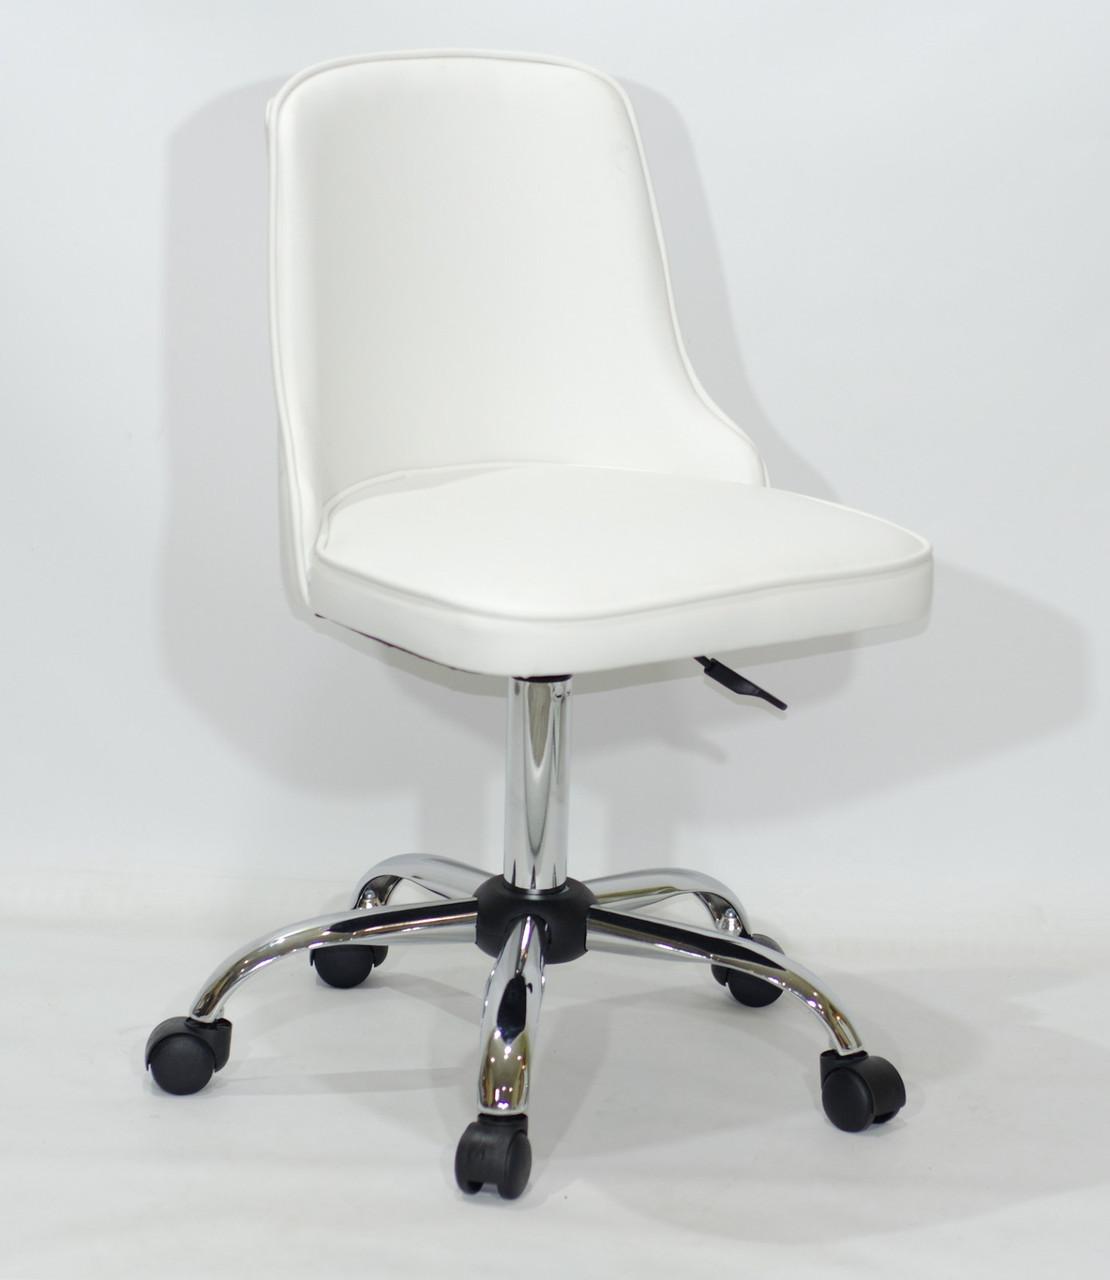 Кресло Адам ADAM CH-OFFICE белая экокожа на колесиках, спинка стеганая